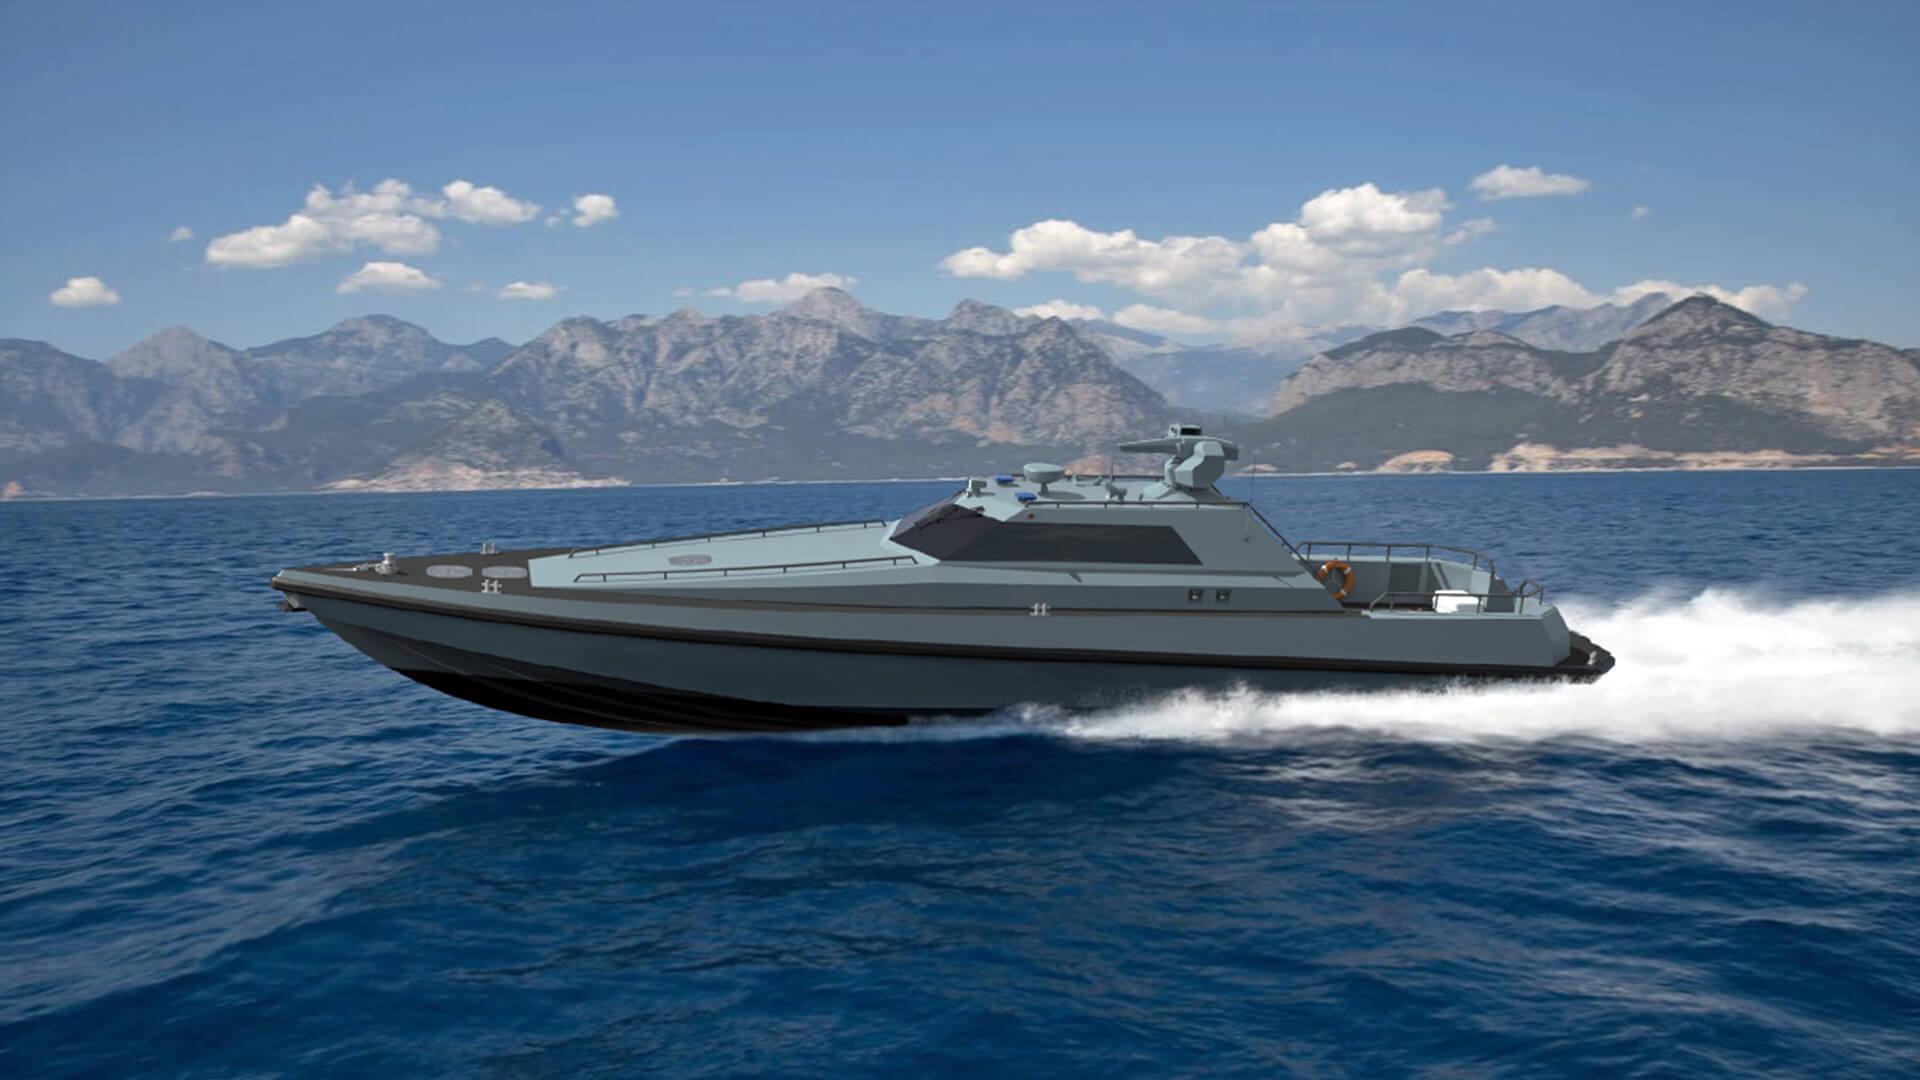 images/vessels/01-patrol-craft/03-series-harpoon/02-ares-65-harpoon/01.jpg